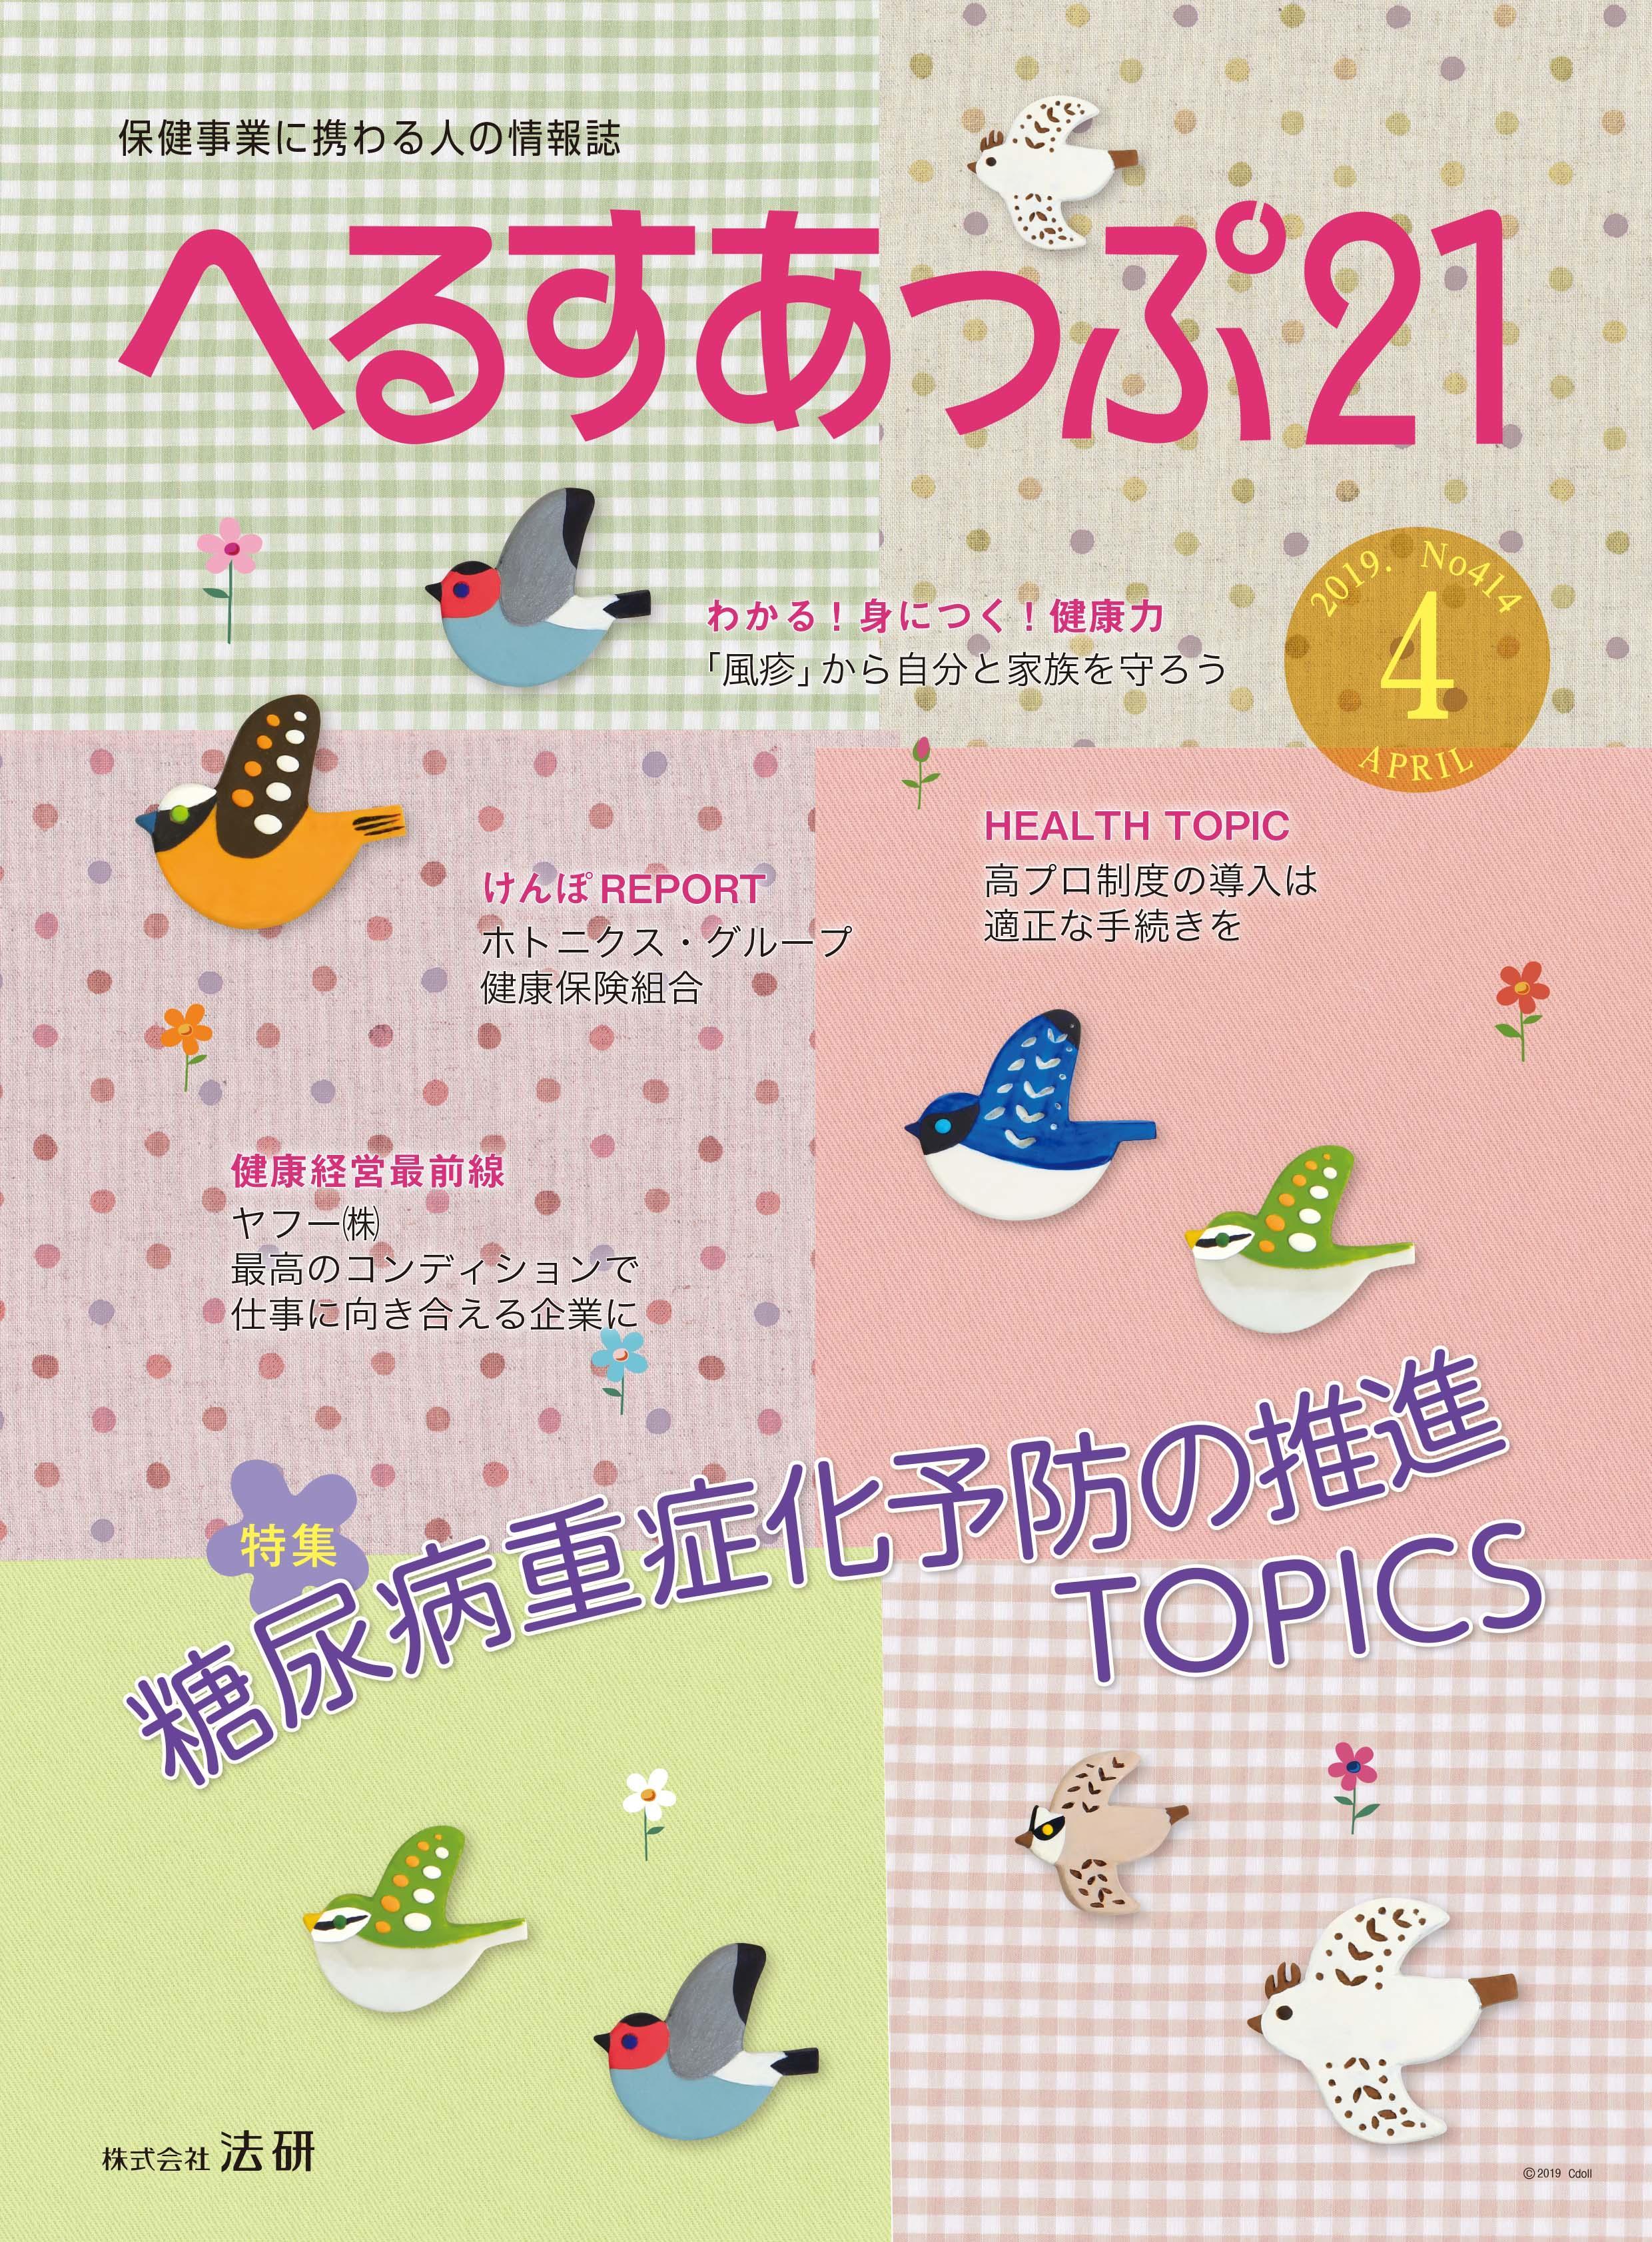 「糖尿病重症化予防の推進TOPICS」へるすあっぷ21 4月号